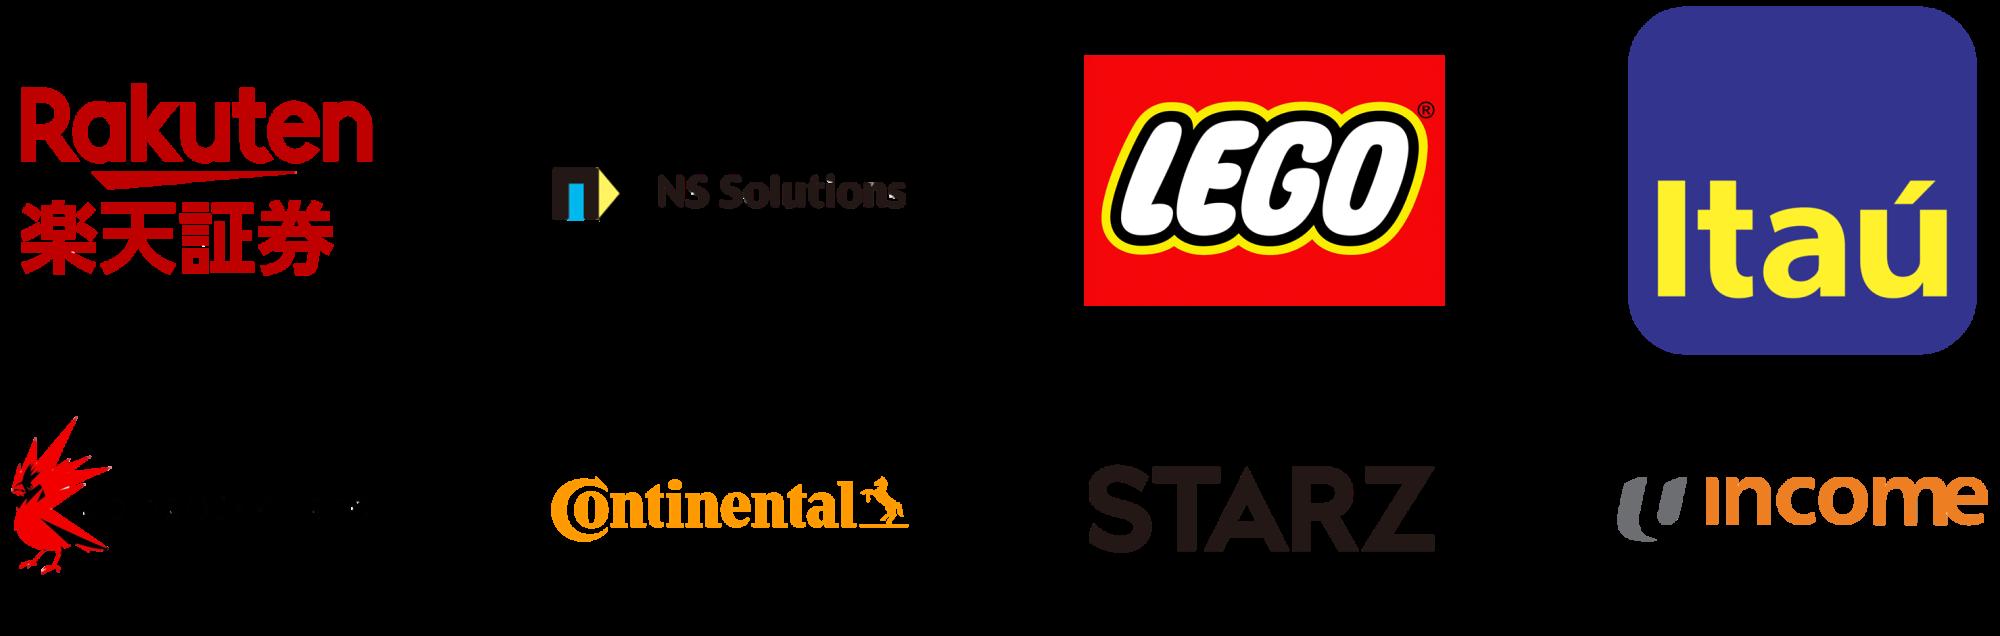 スクリーンウォーターマークは楽天証券、日鉄ソリューションズ、レゴなど金融・製造・ゲーム・デザインで世界20ヵ国以上の企業での導入実績があります